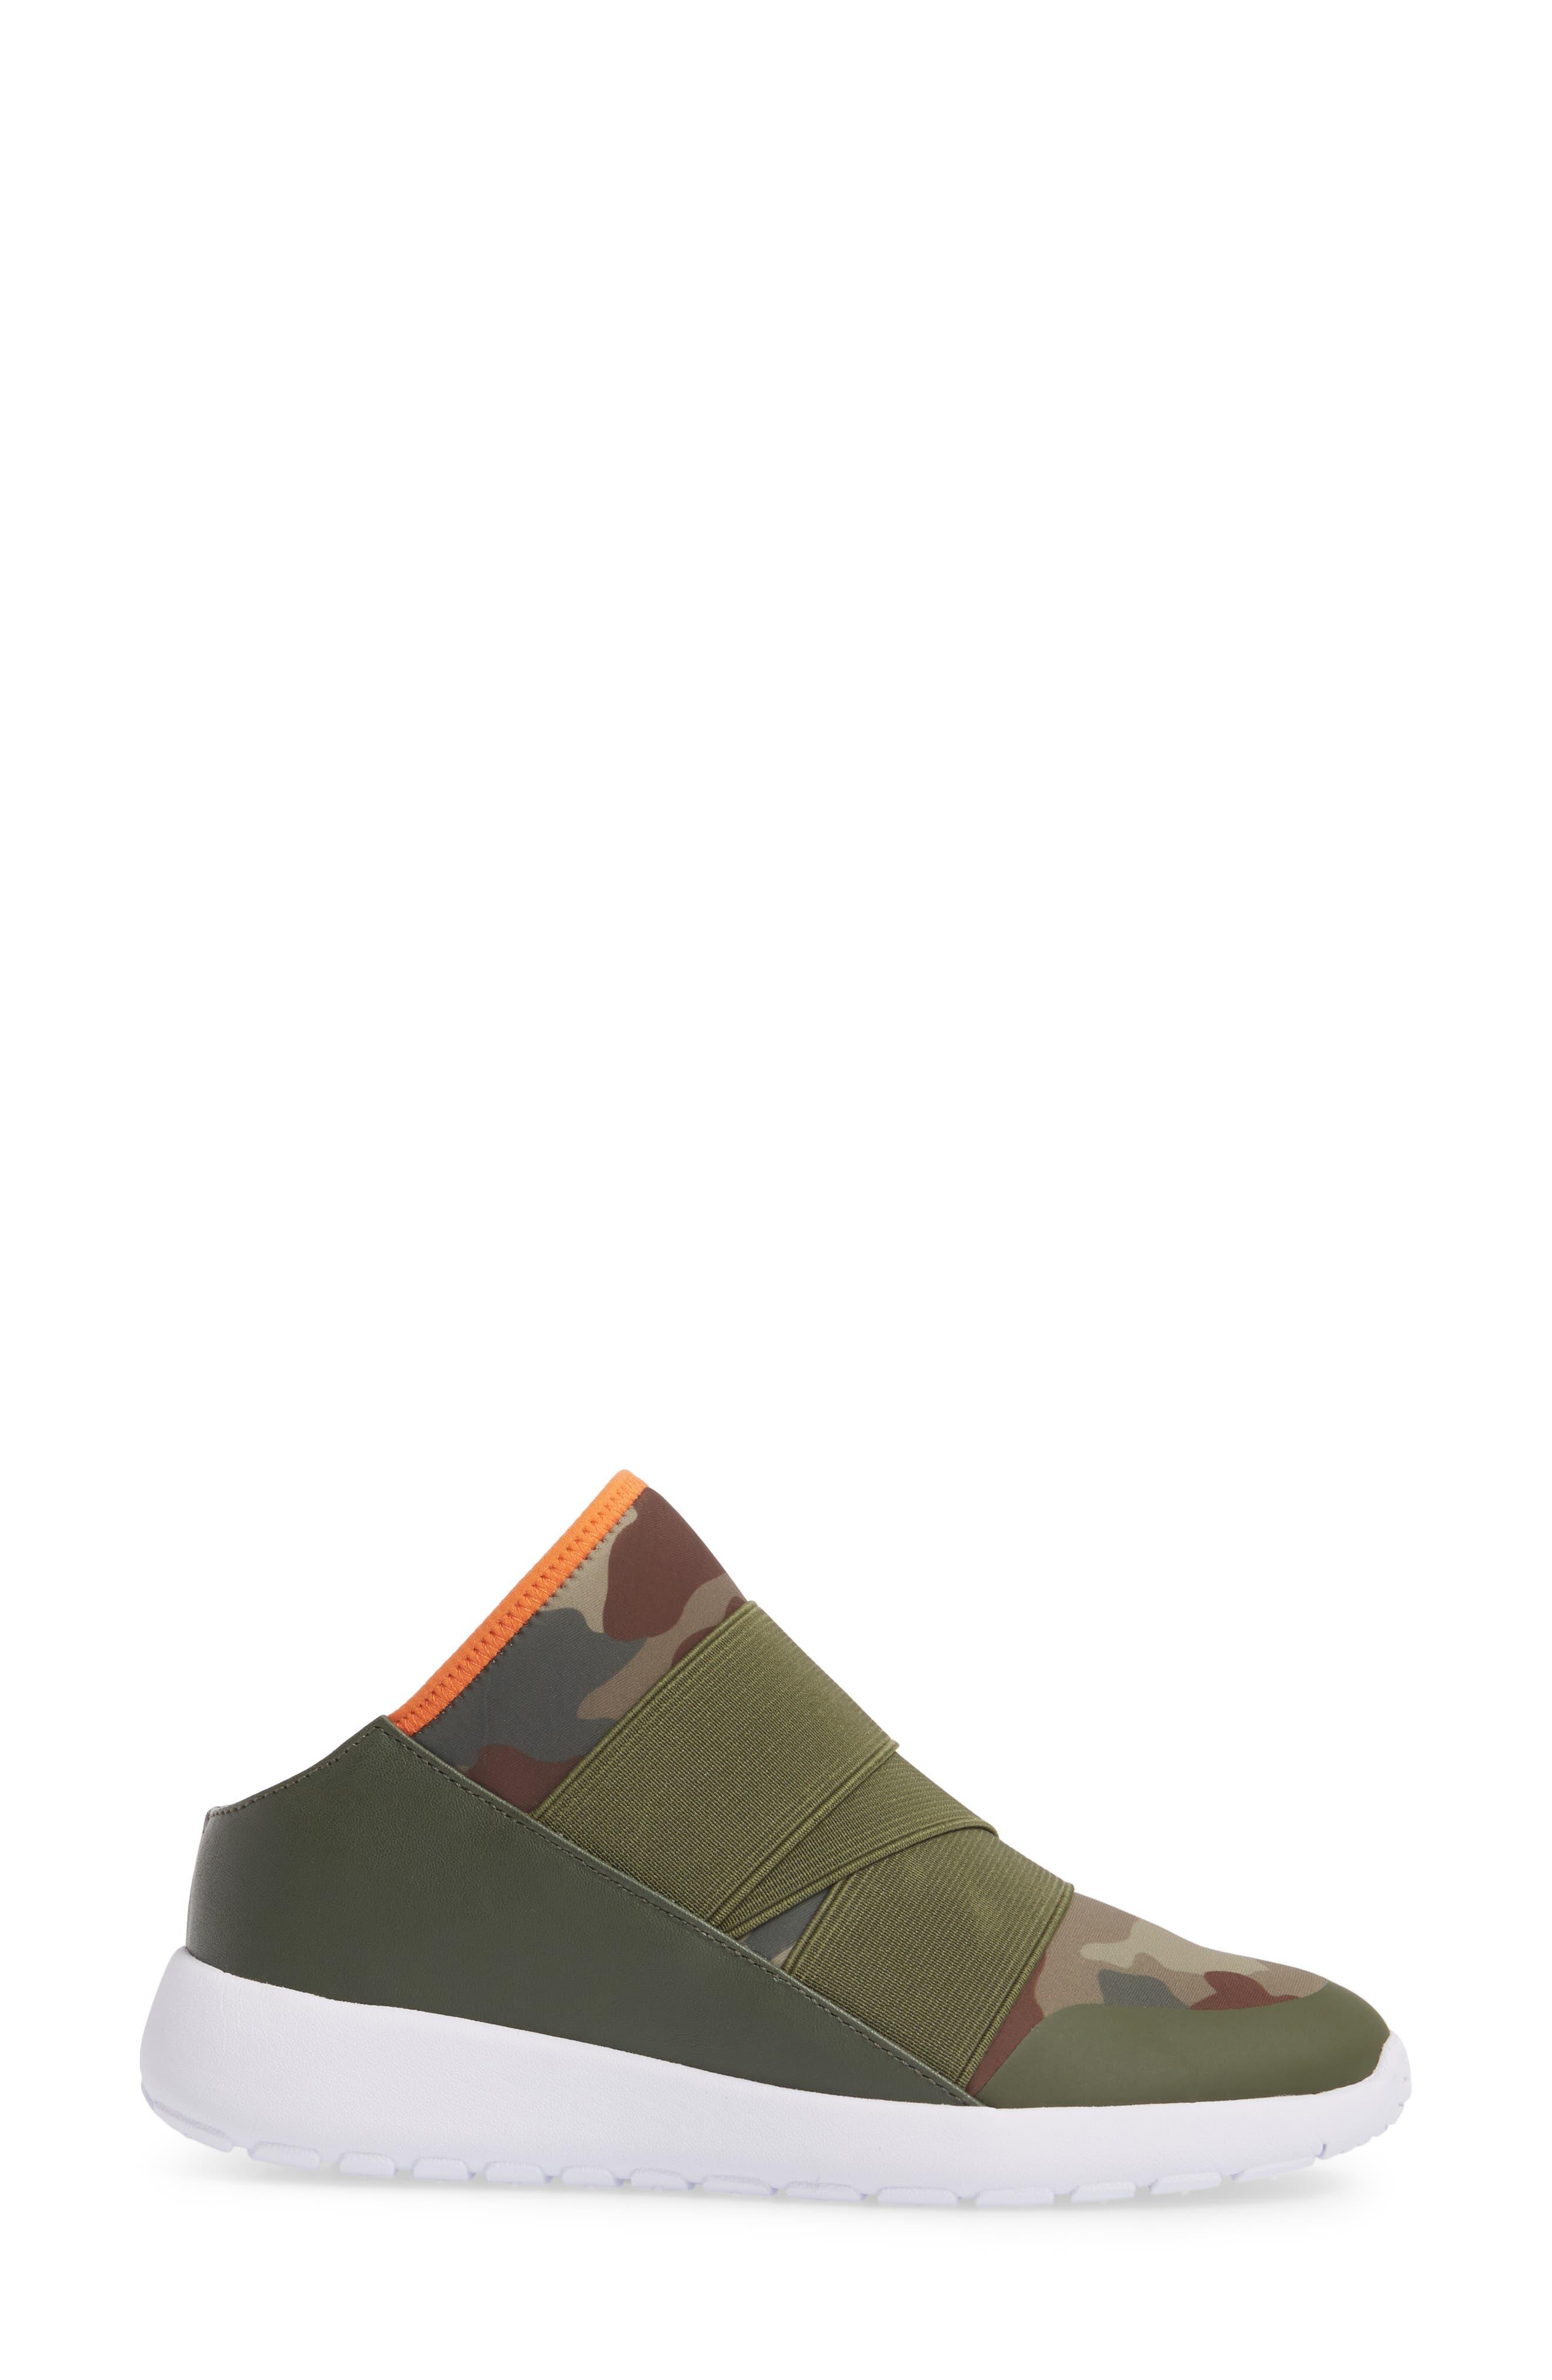 Vine Slip-On Sneaker,                             Alternate thumbnail 8, color,